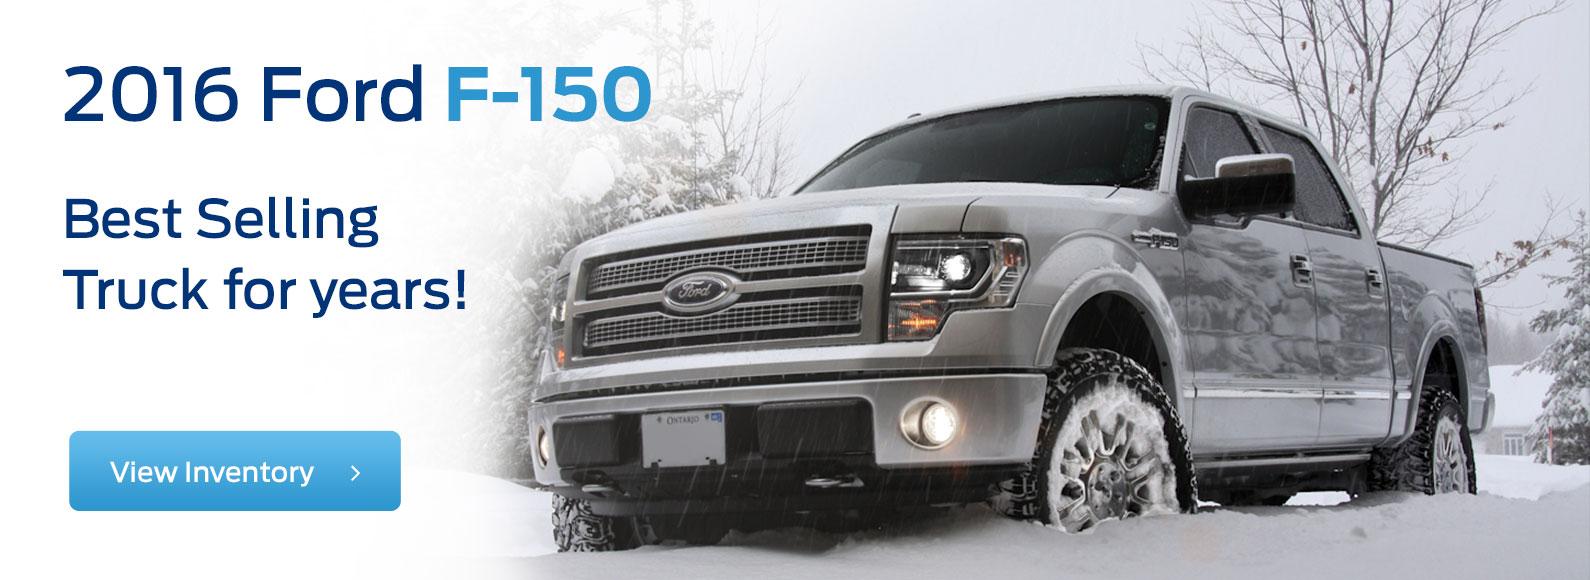 2016 F-150 Best Selling Truck Desktop